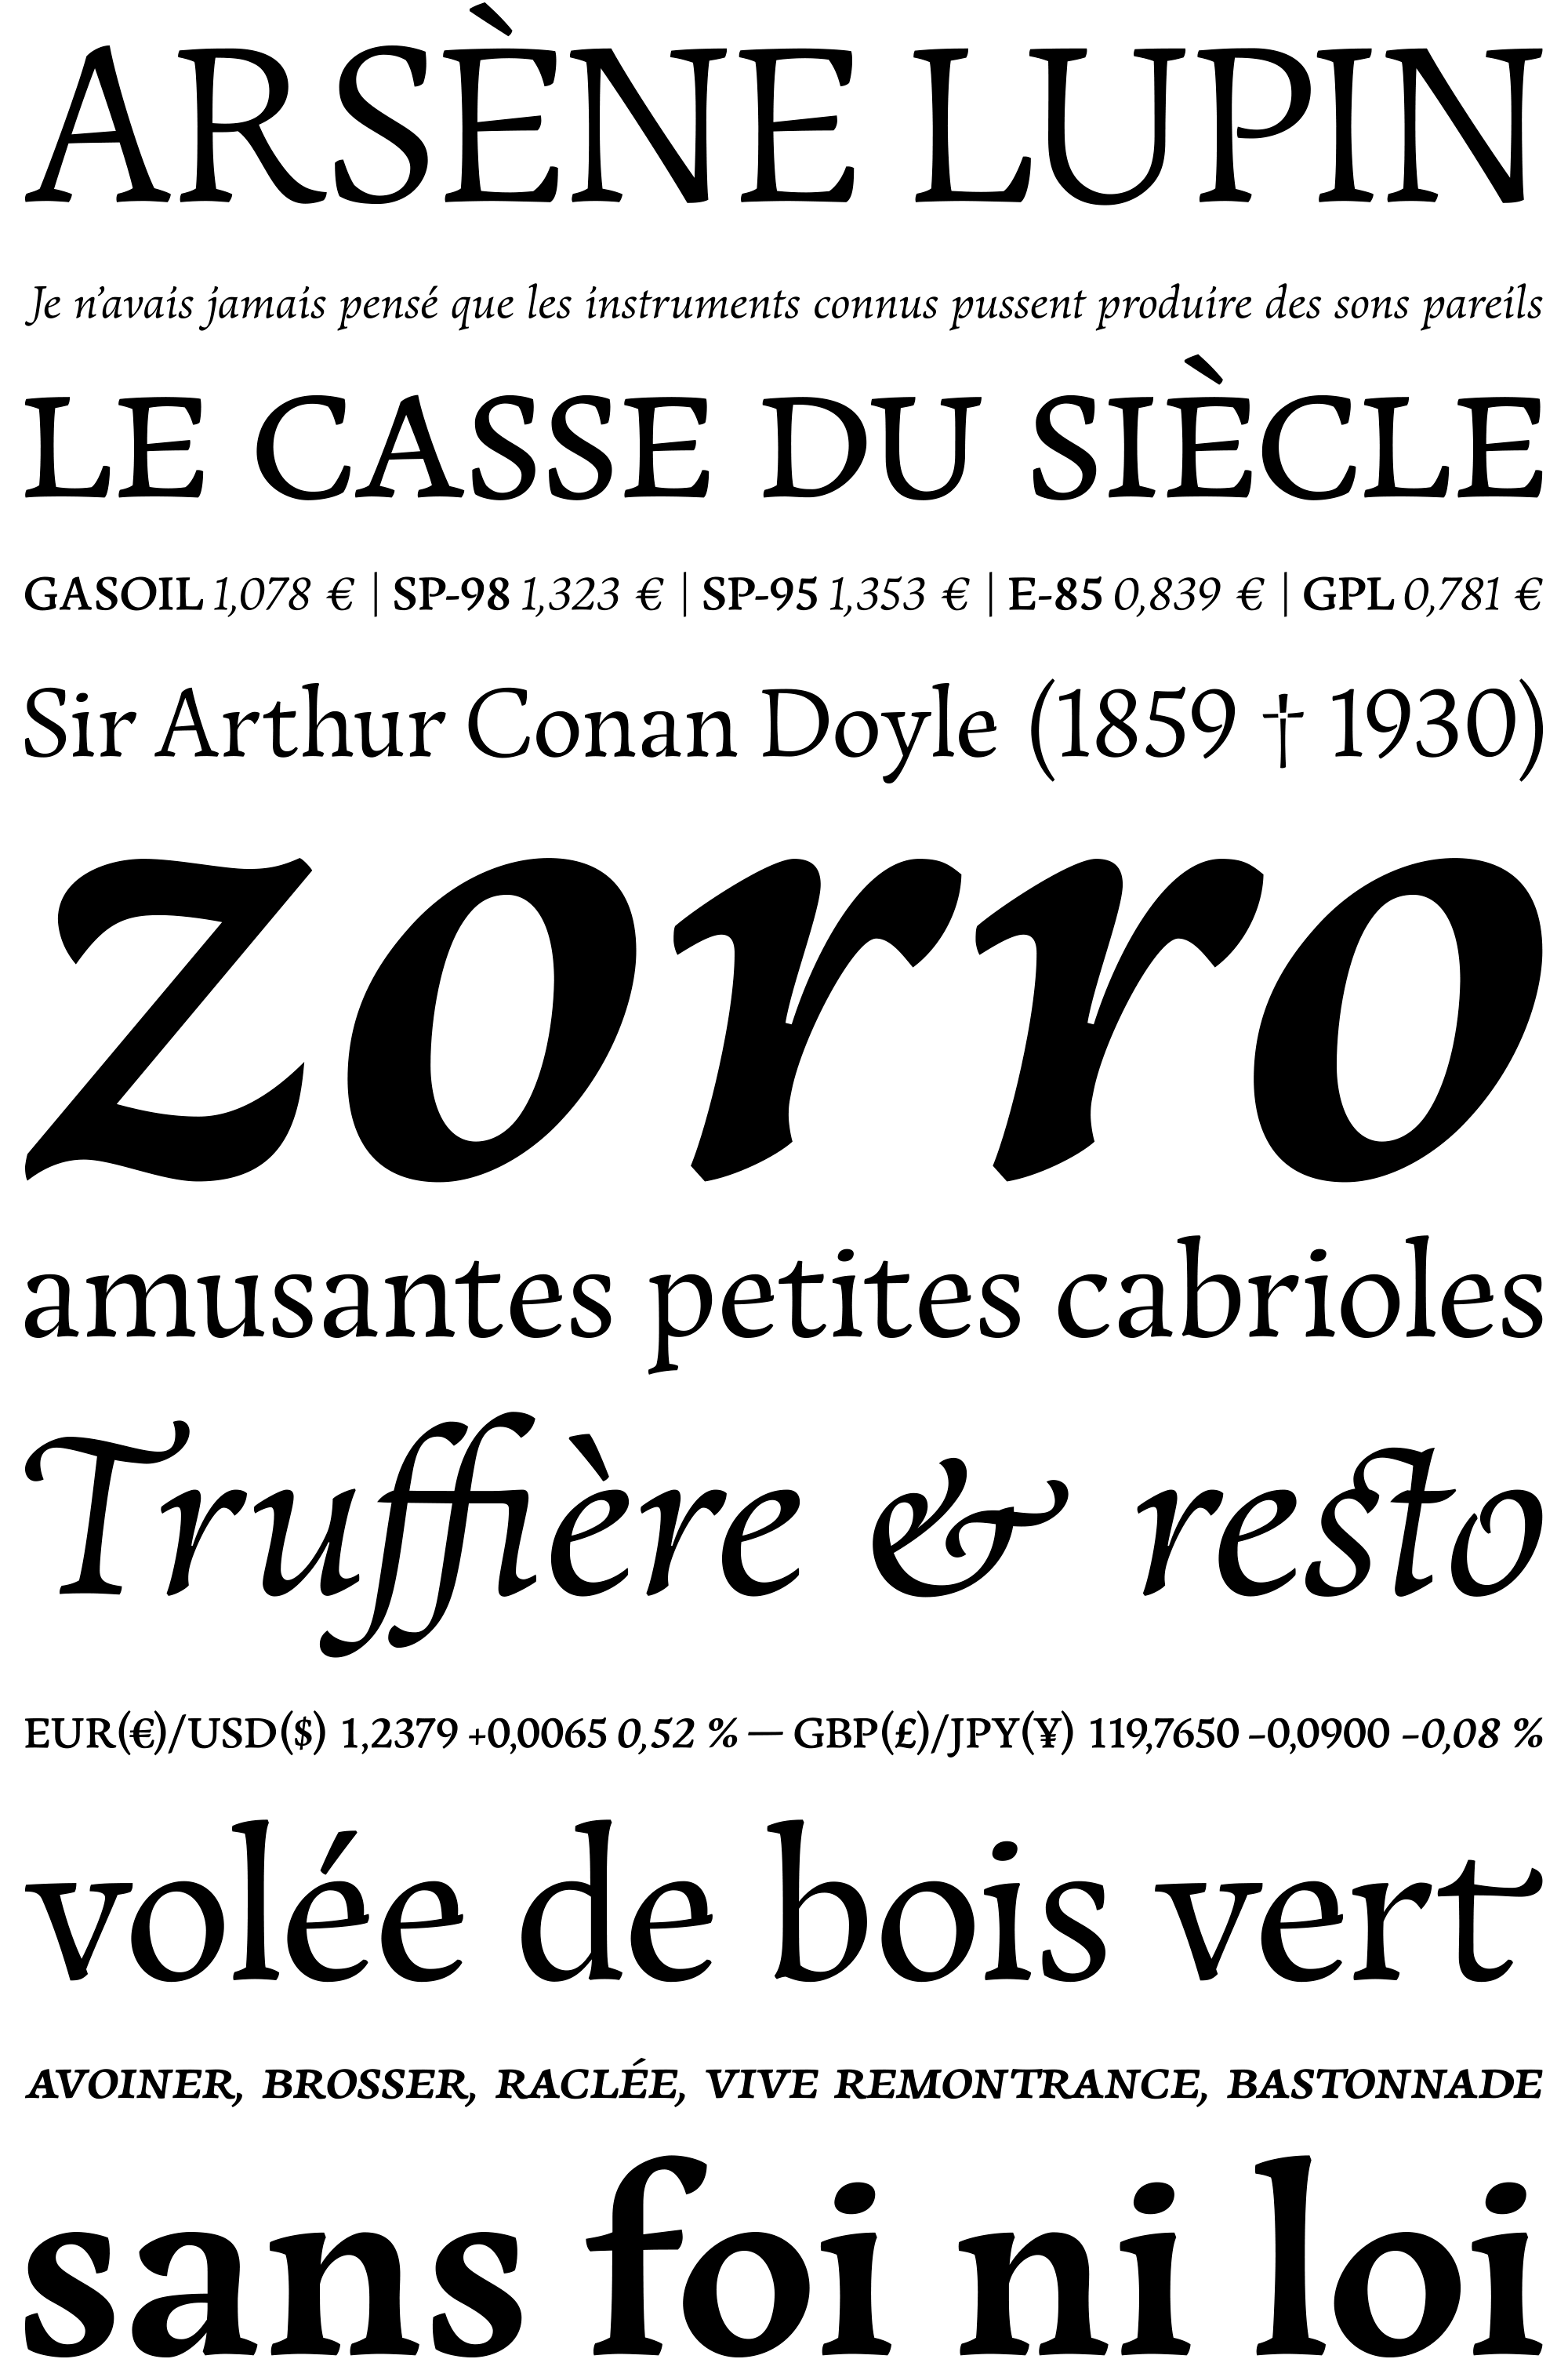 Présentation typographique